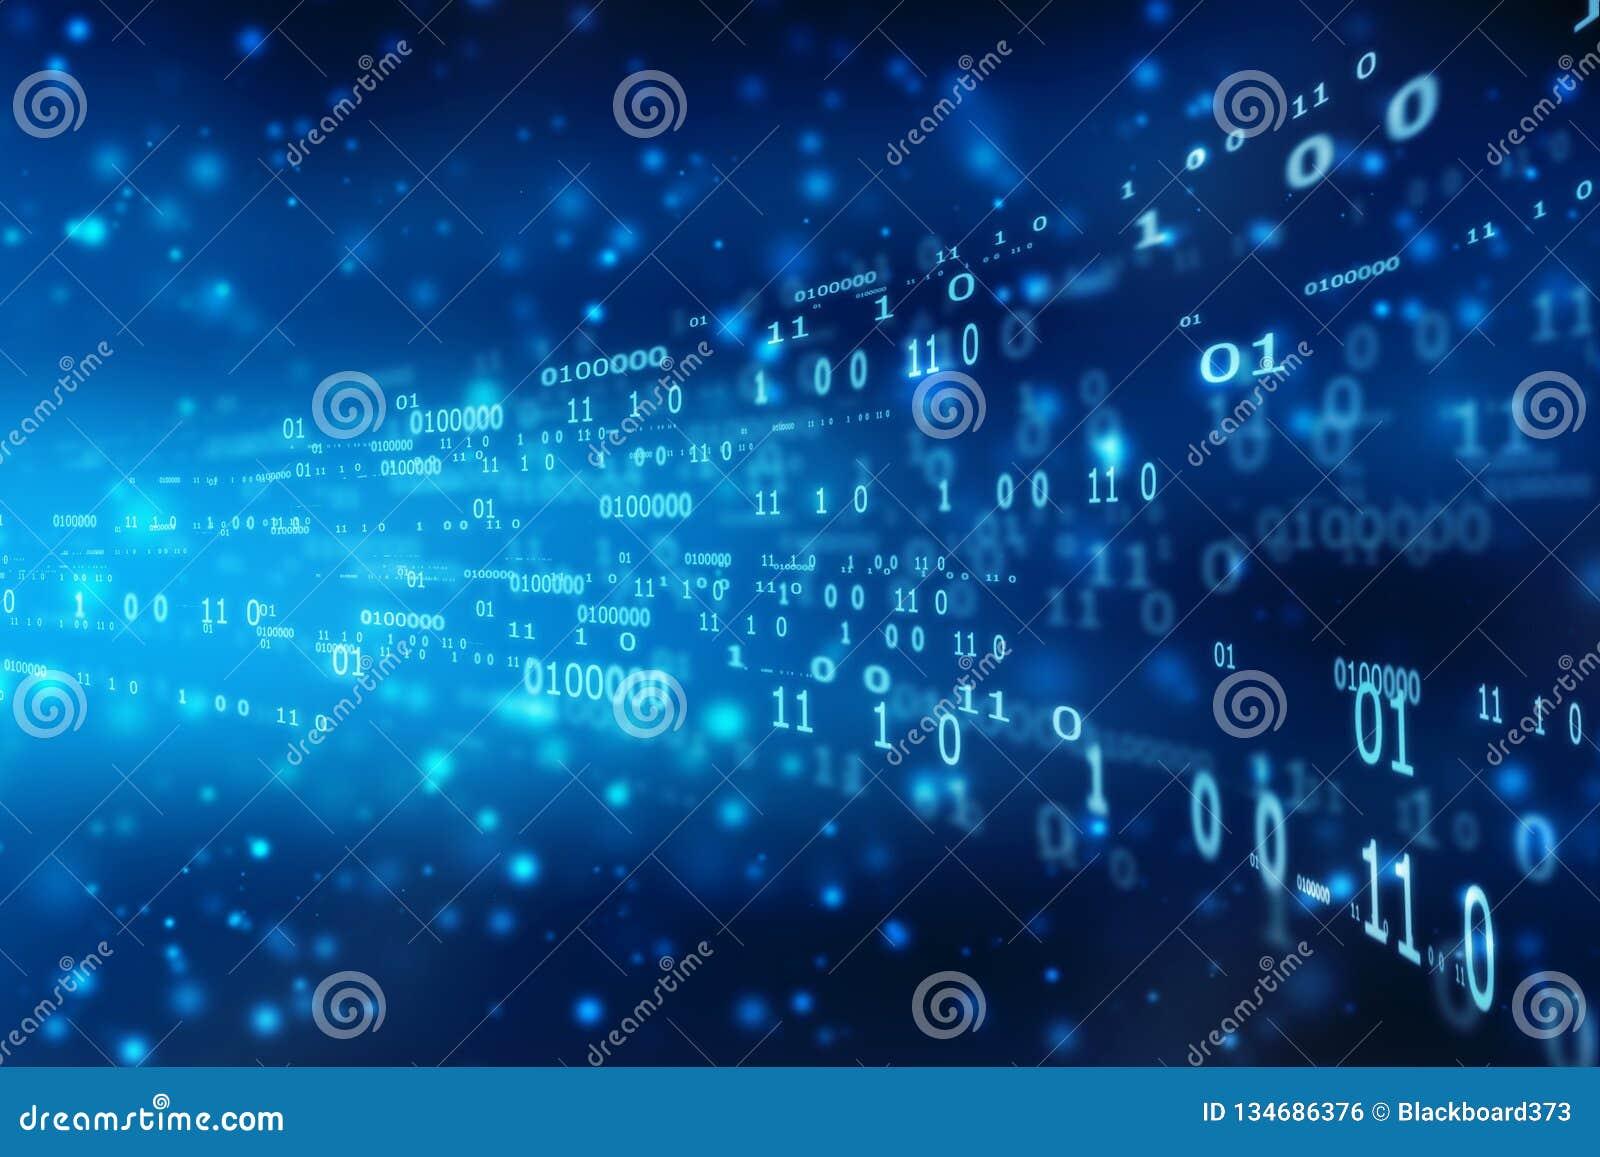 Binarnego kodu tło, płynący liczby jeden i zero tekst w binarnego kodu formacie w technologii tle